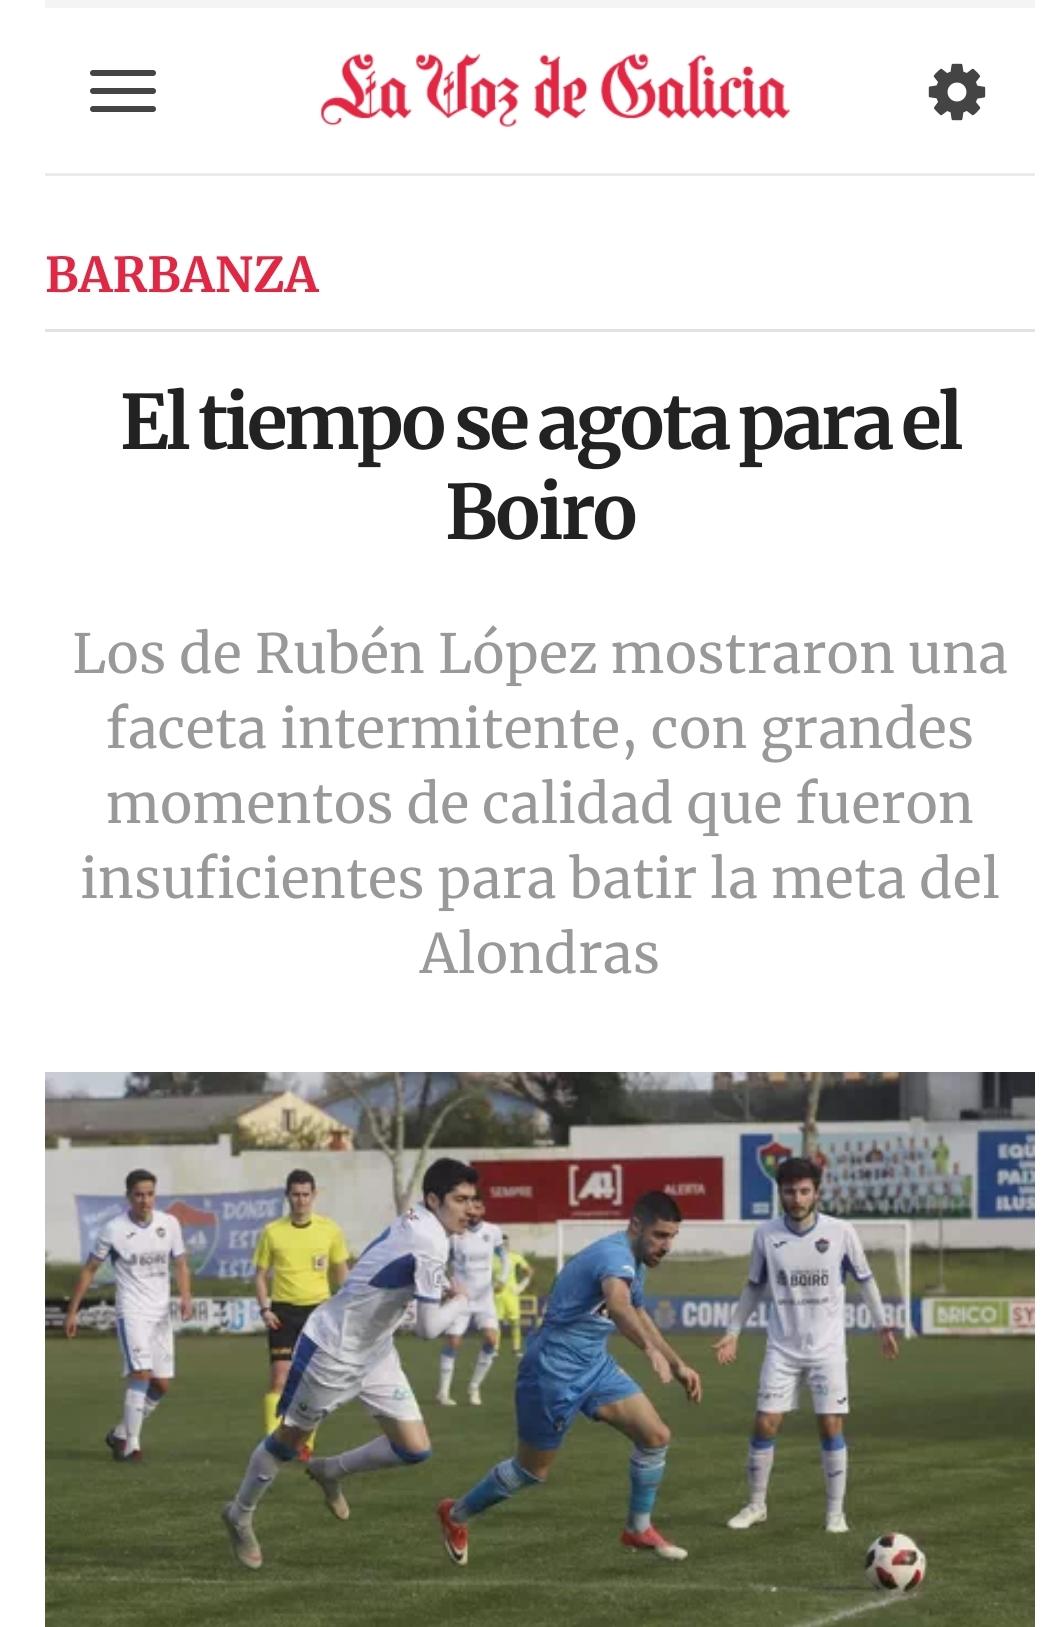 EL TIEMPO SE AGOTA PARA EL C.D. BOIRO.